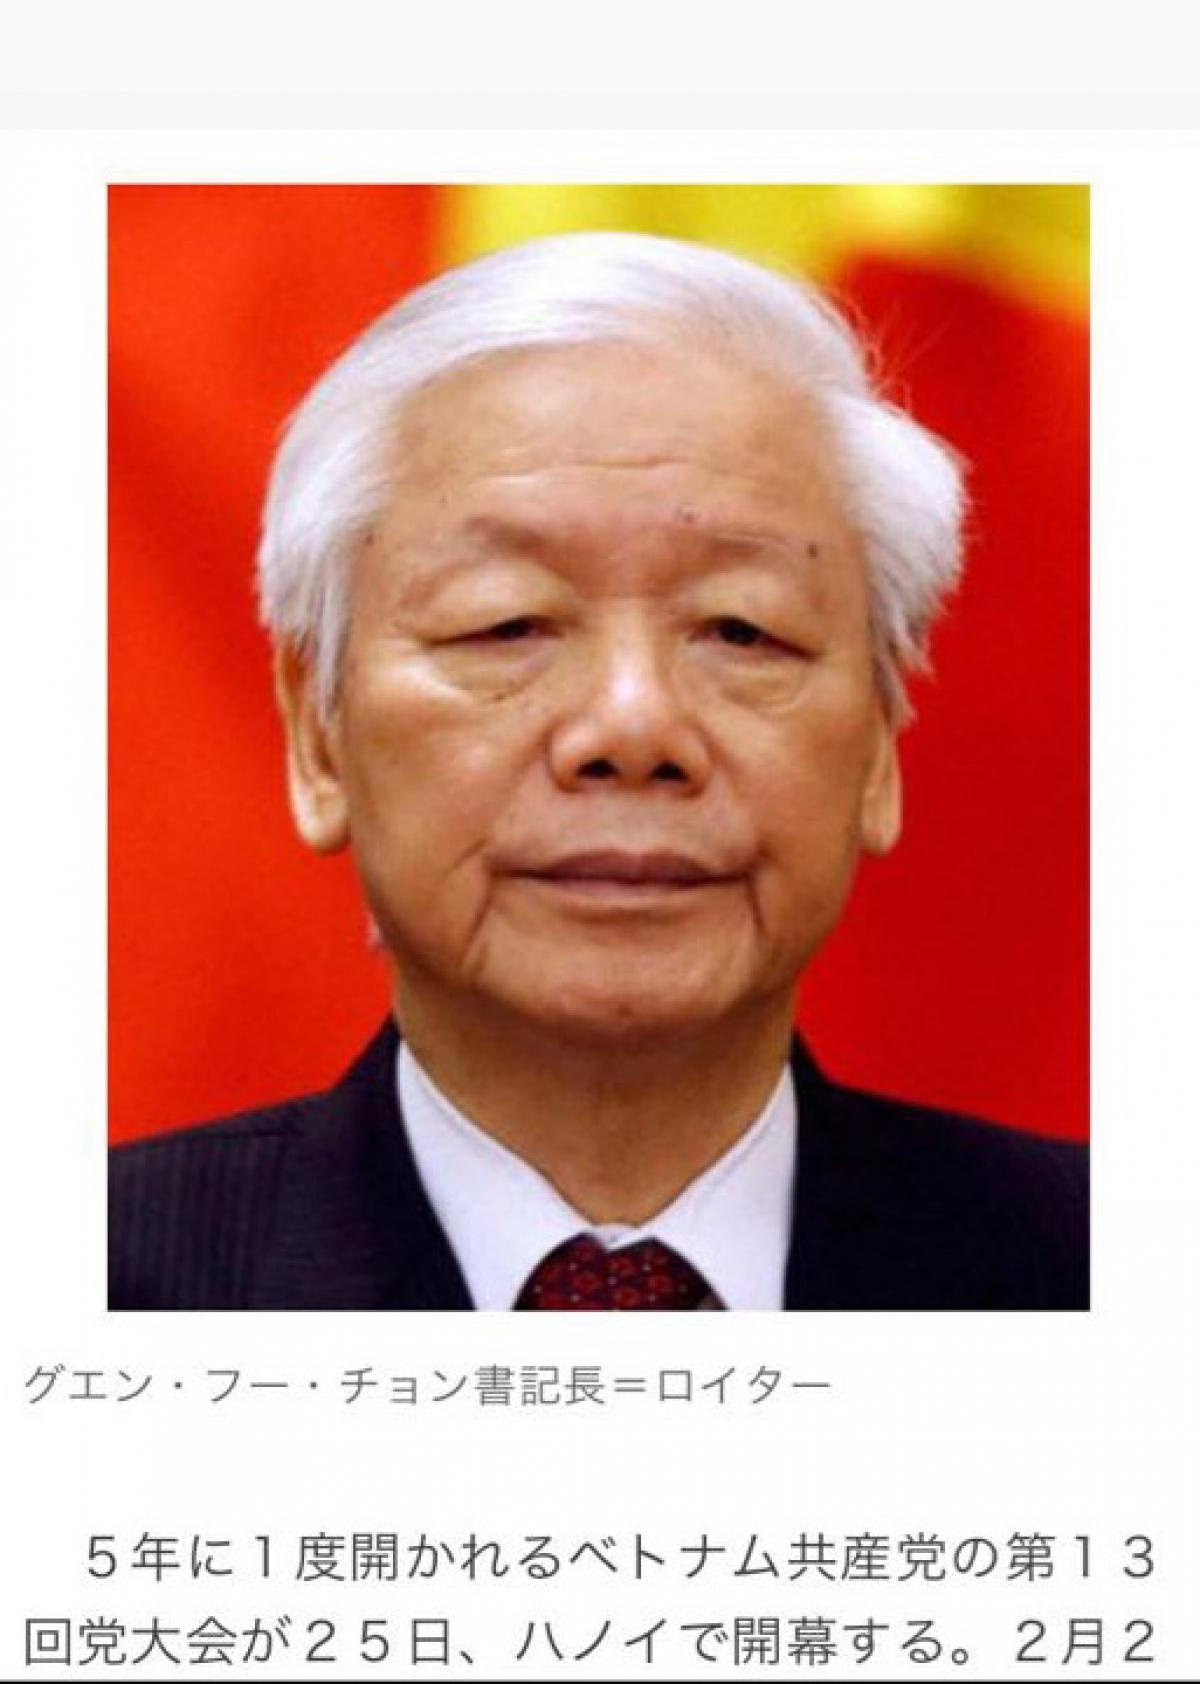 Hình ảnh Tổng Bí thư, Chủ tịch nước Nguyễn Phú Trọng trên truyền thông Nhật Bản